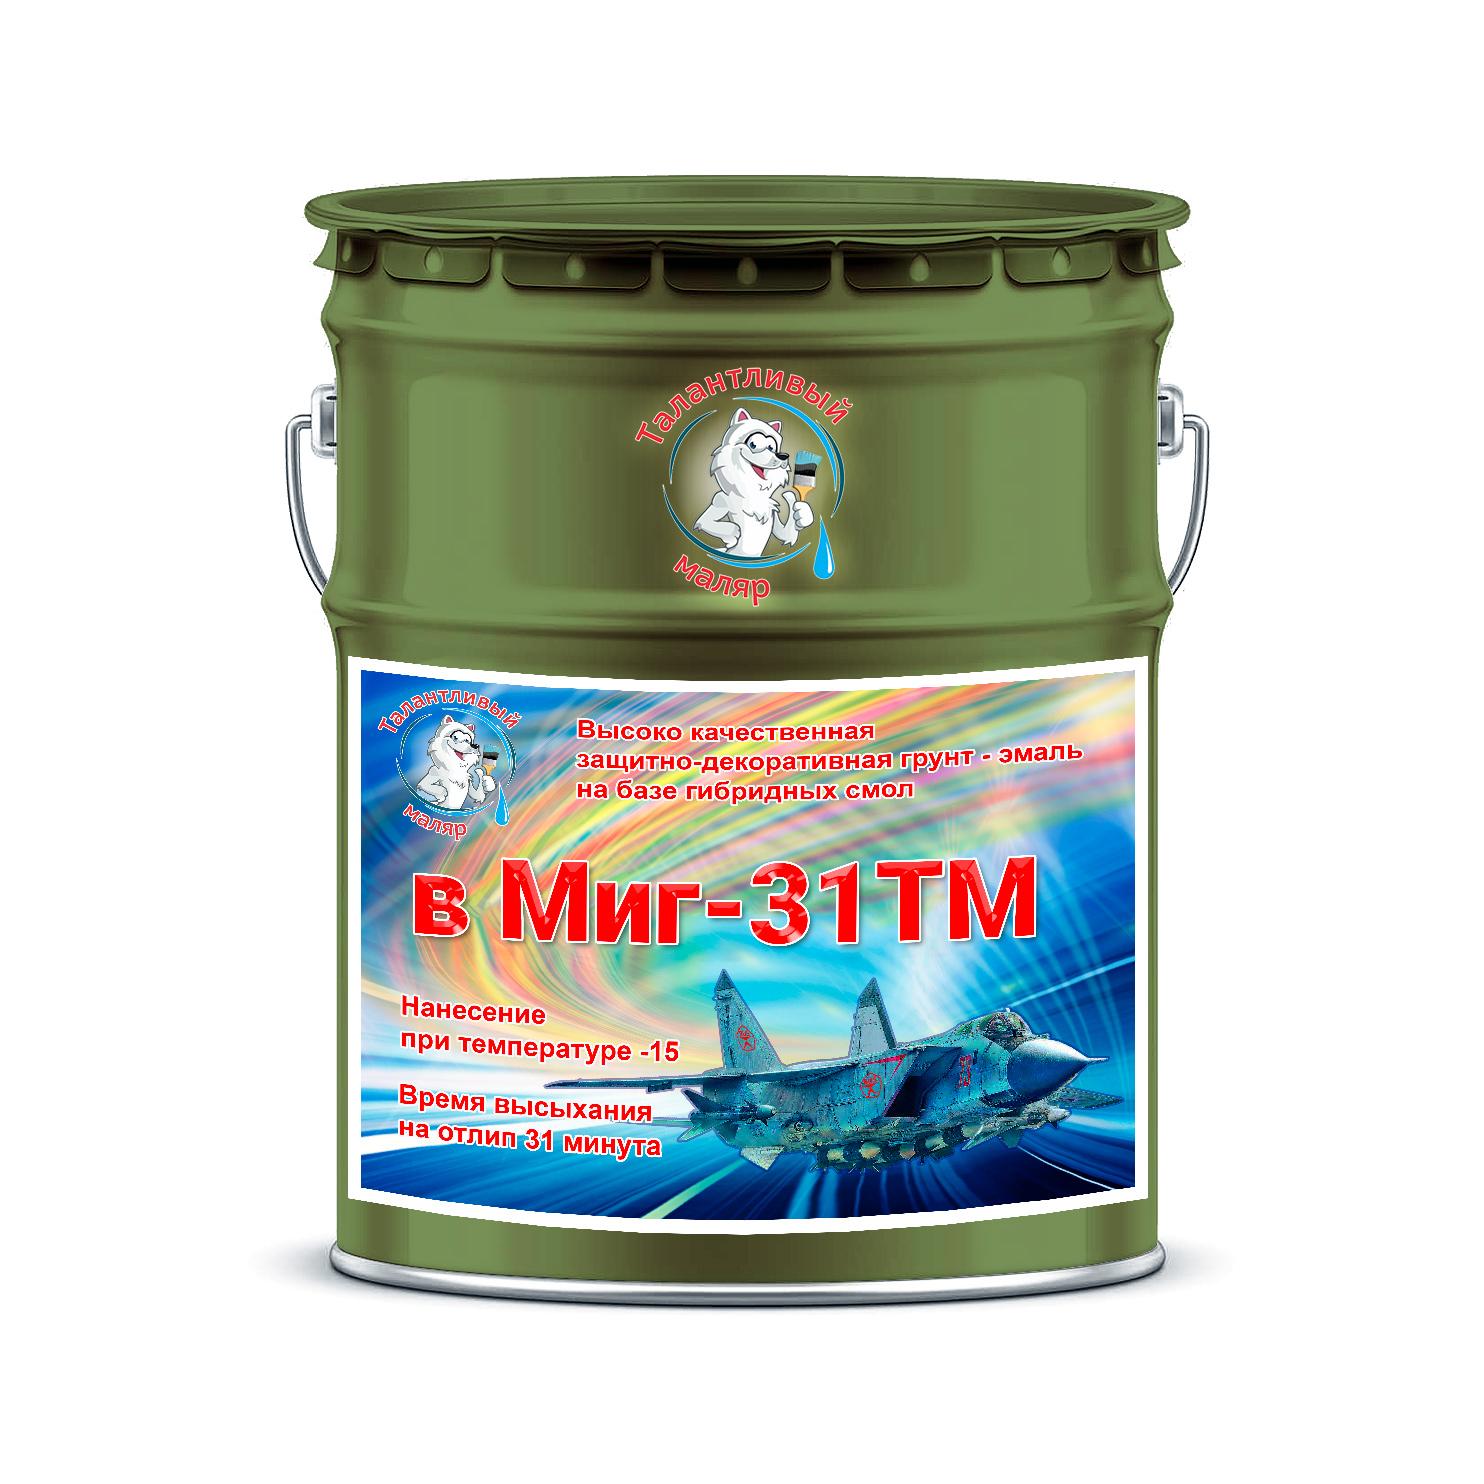 """Фото 17 - Грунт-Эмаль Премиум  """"ВМИГ - 31 ТМ"""" цвет RAL 6005 Зеленый мох, полуглянцевая, быстросохнущая, морозостойкая, на базе гибридных смол, по ржавчине 3 в 1, 20 кг """"Талантливый Маляр""""."""